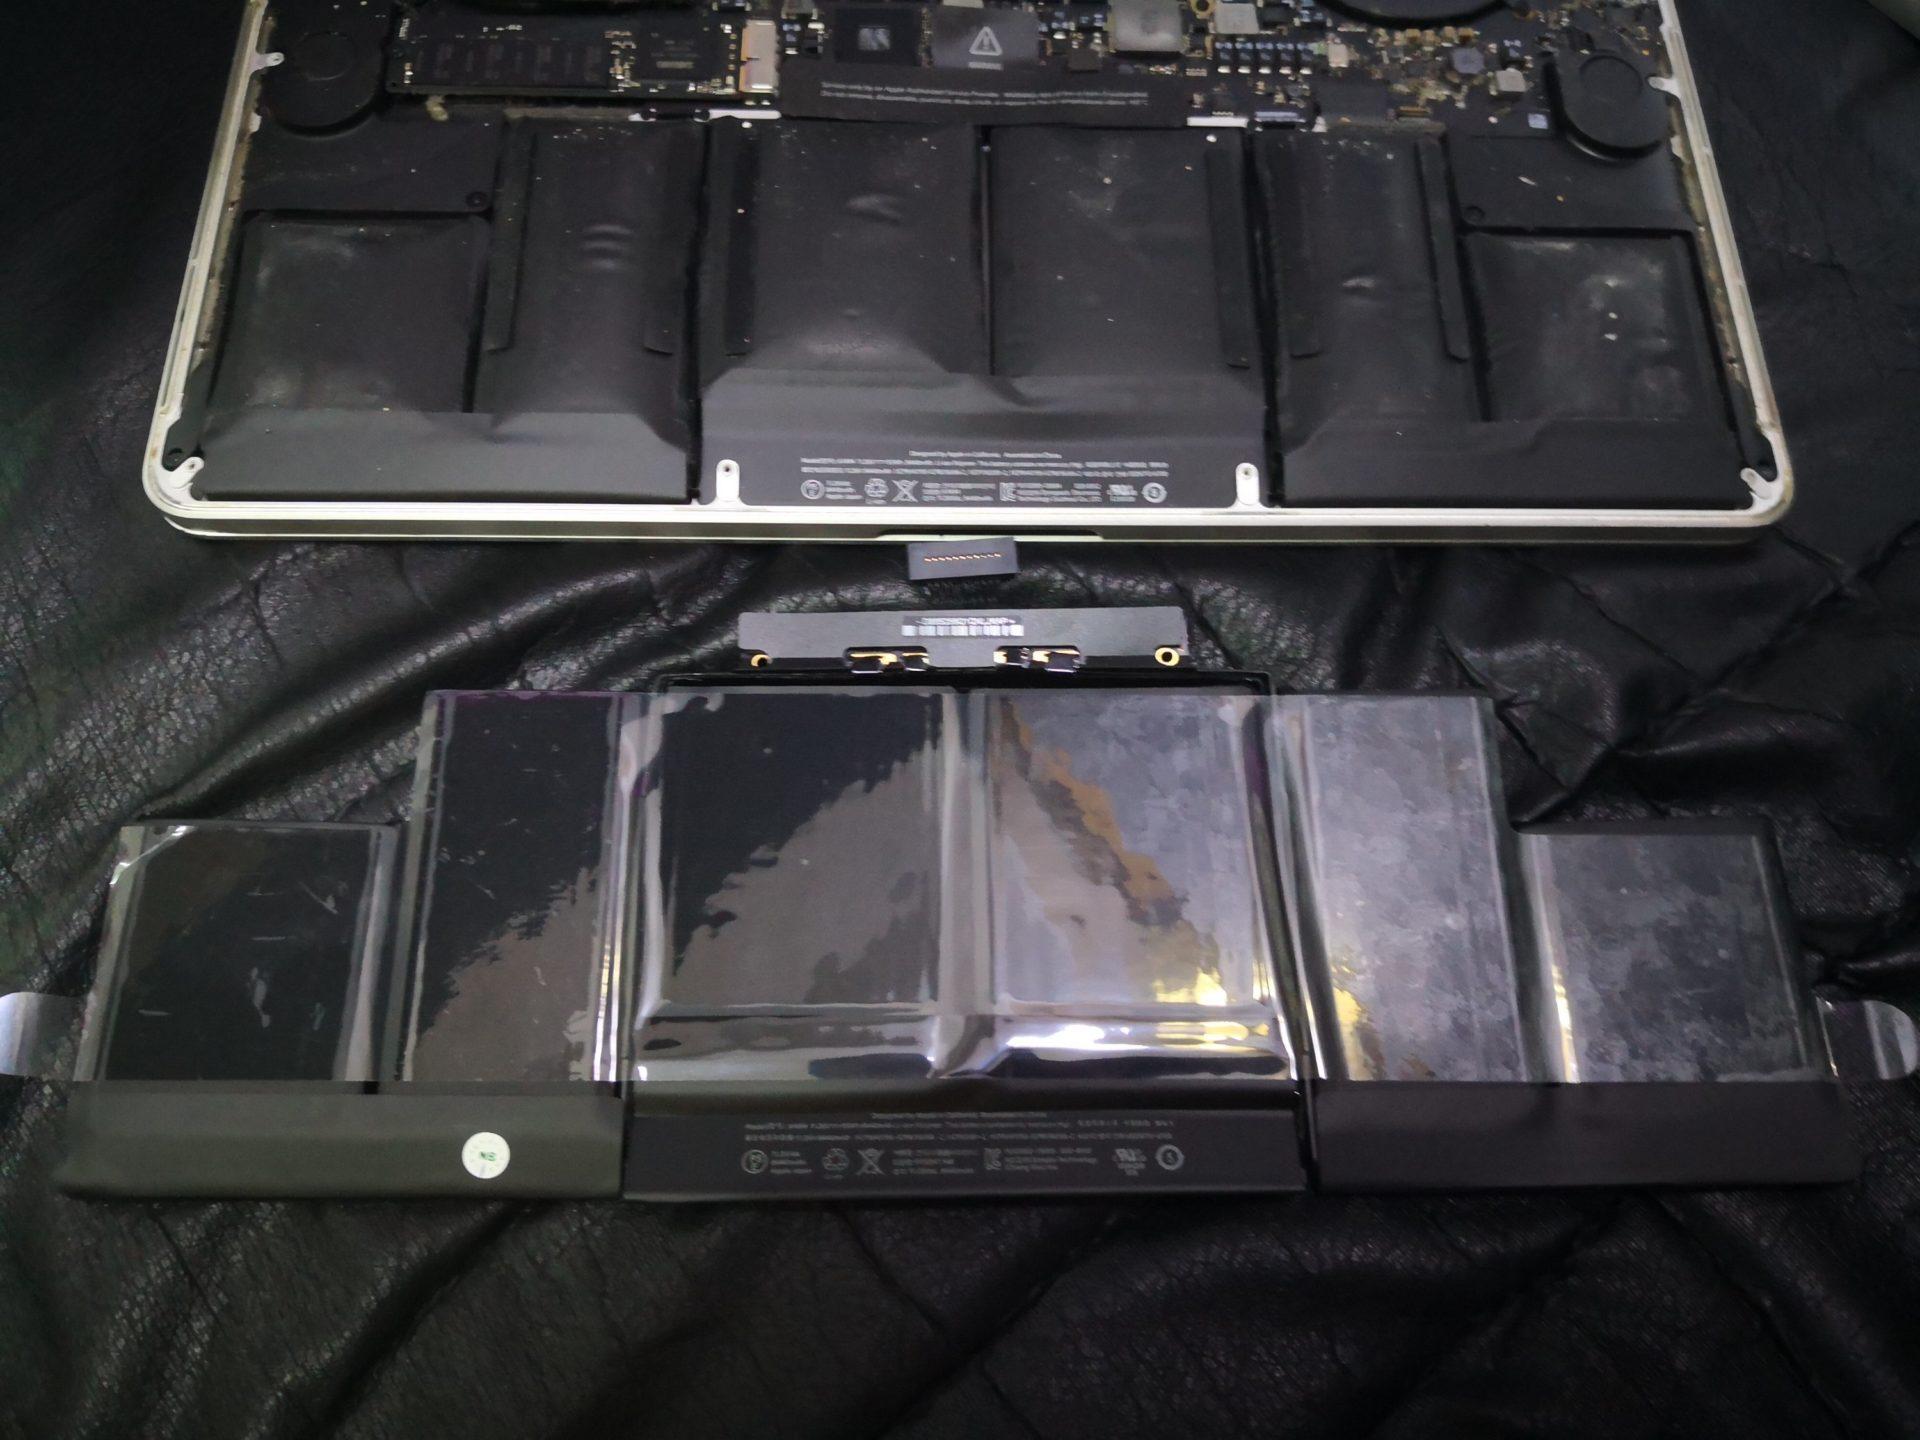 MacBook Pro 15 Retina и аккумулятор A1494, который вздулся. Замена на новый